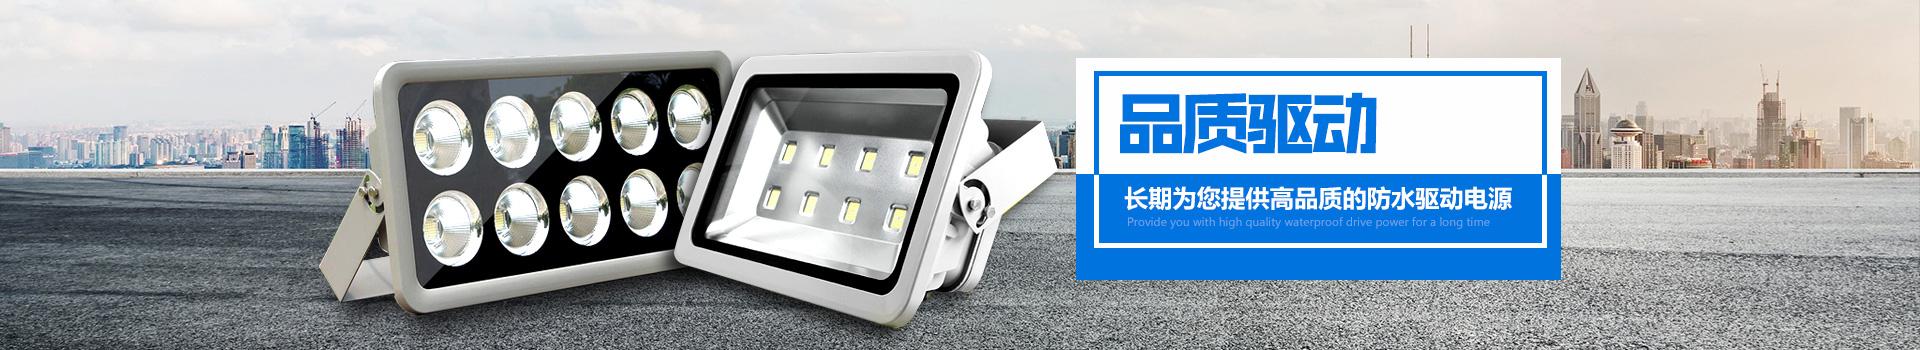 LED投光灯电源:品质驱动,长期为您提供高品质的防水驱动电源